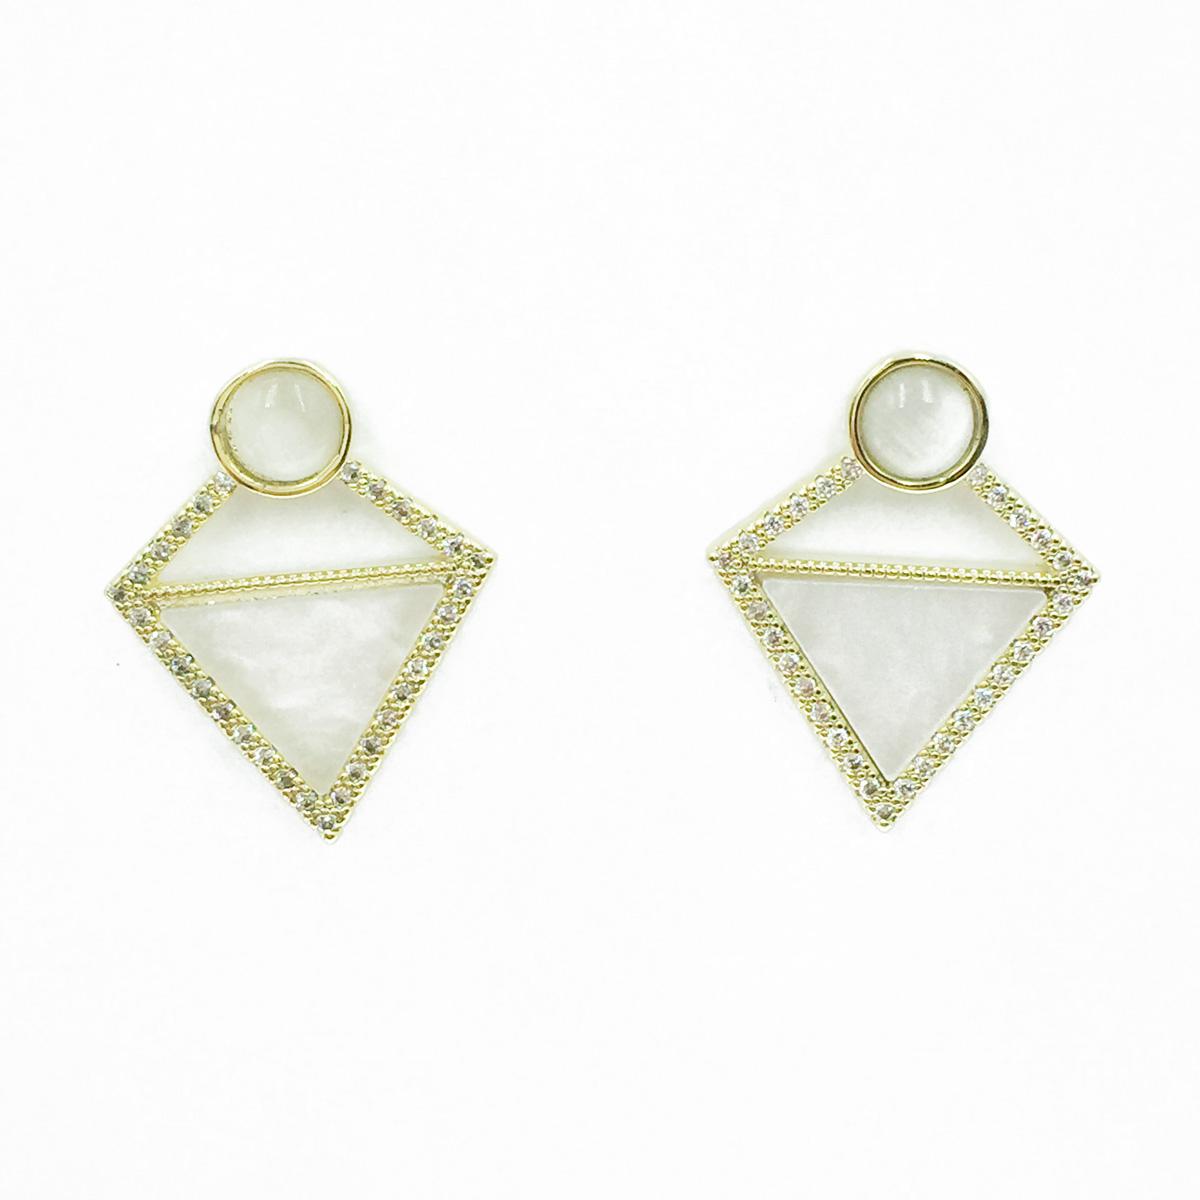 韓國 925純銀 簍空菱形 水鑽 貝殼珠 垂墜感 耳針式耳環